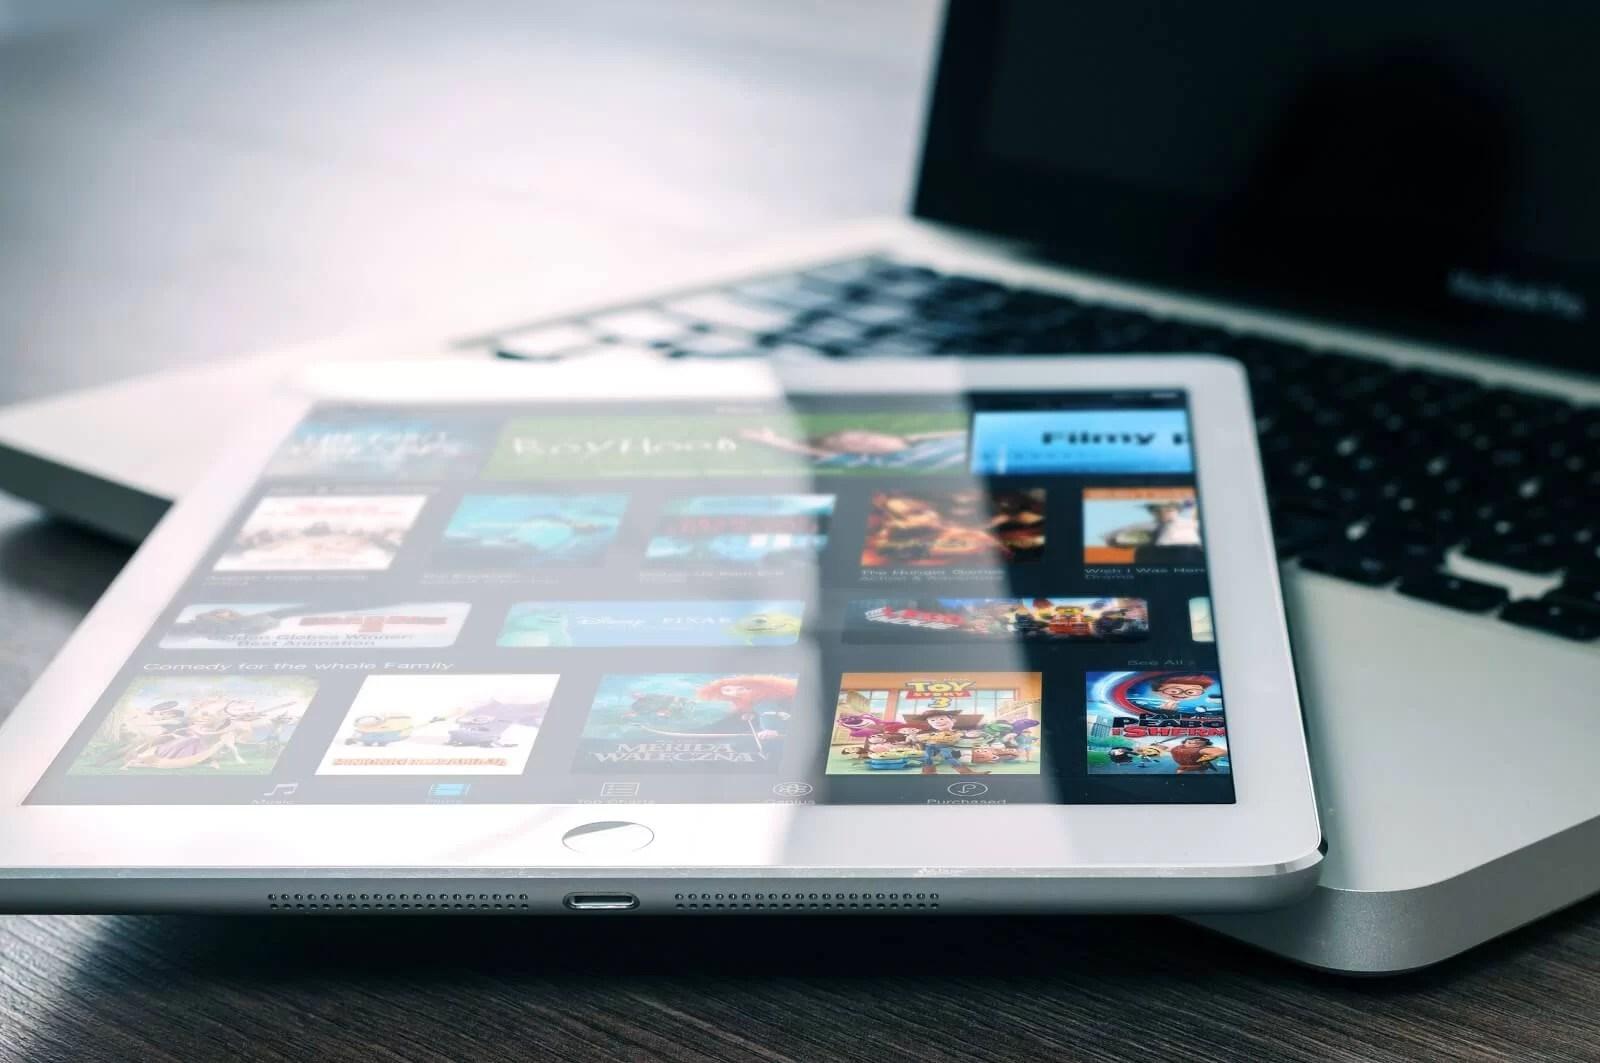 eBook Online Publishing reader